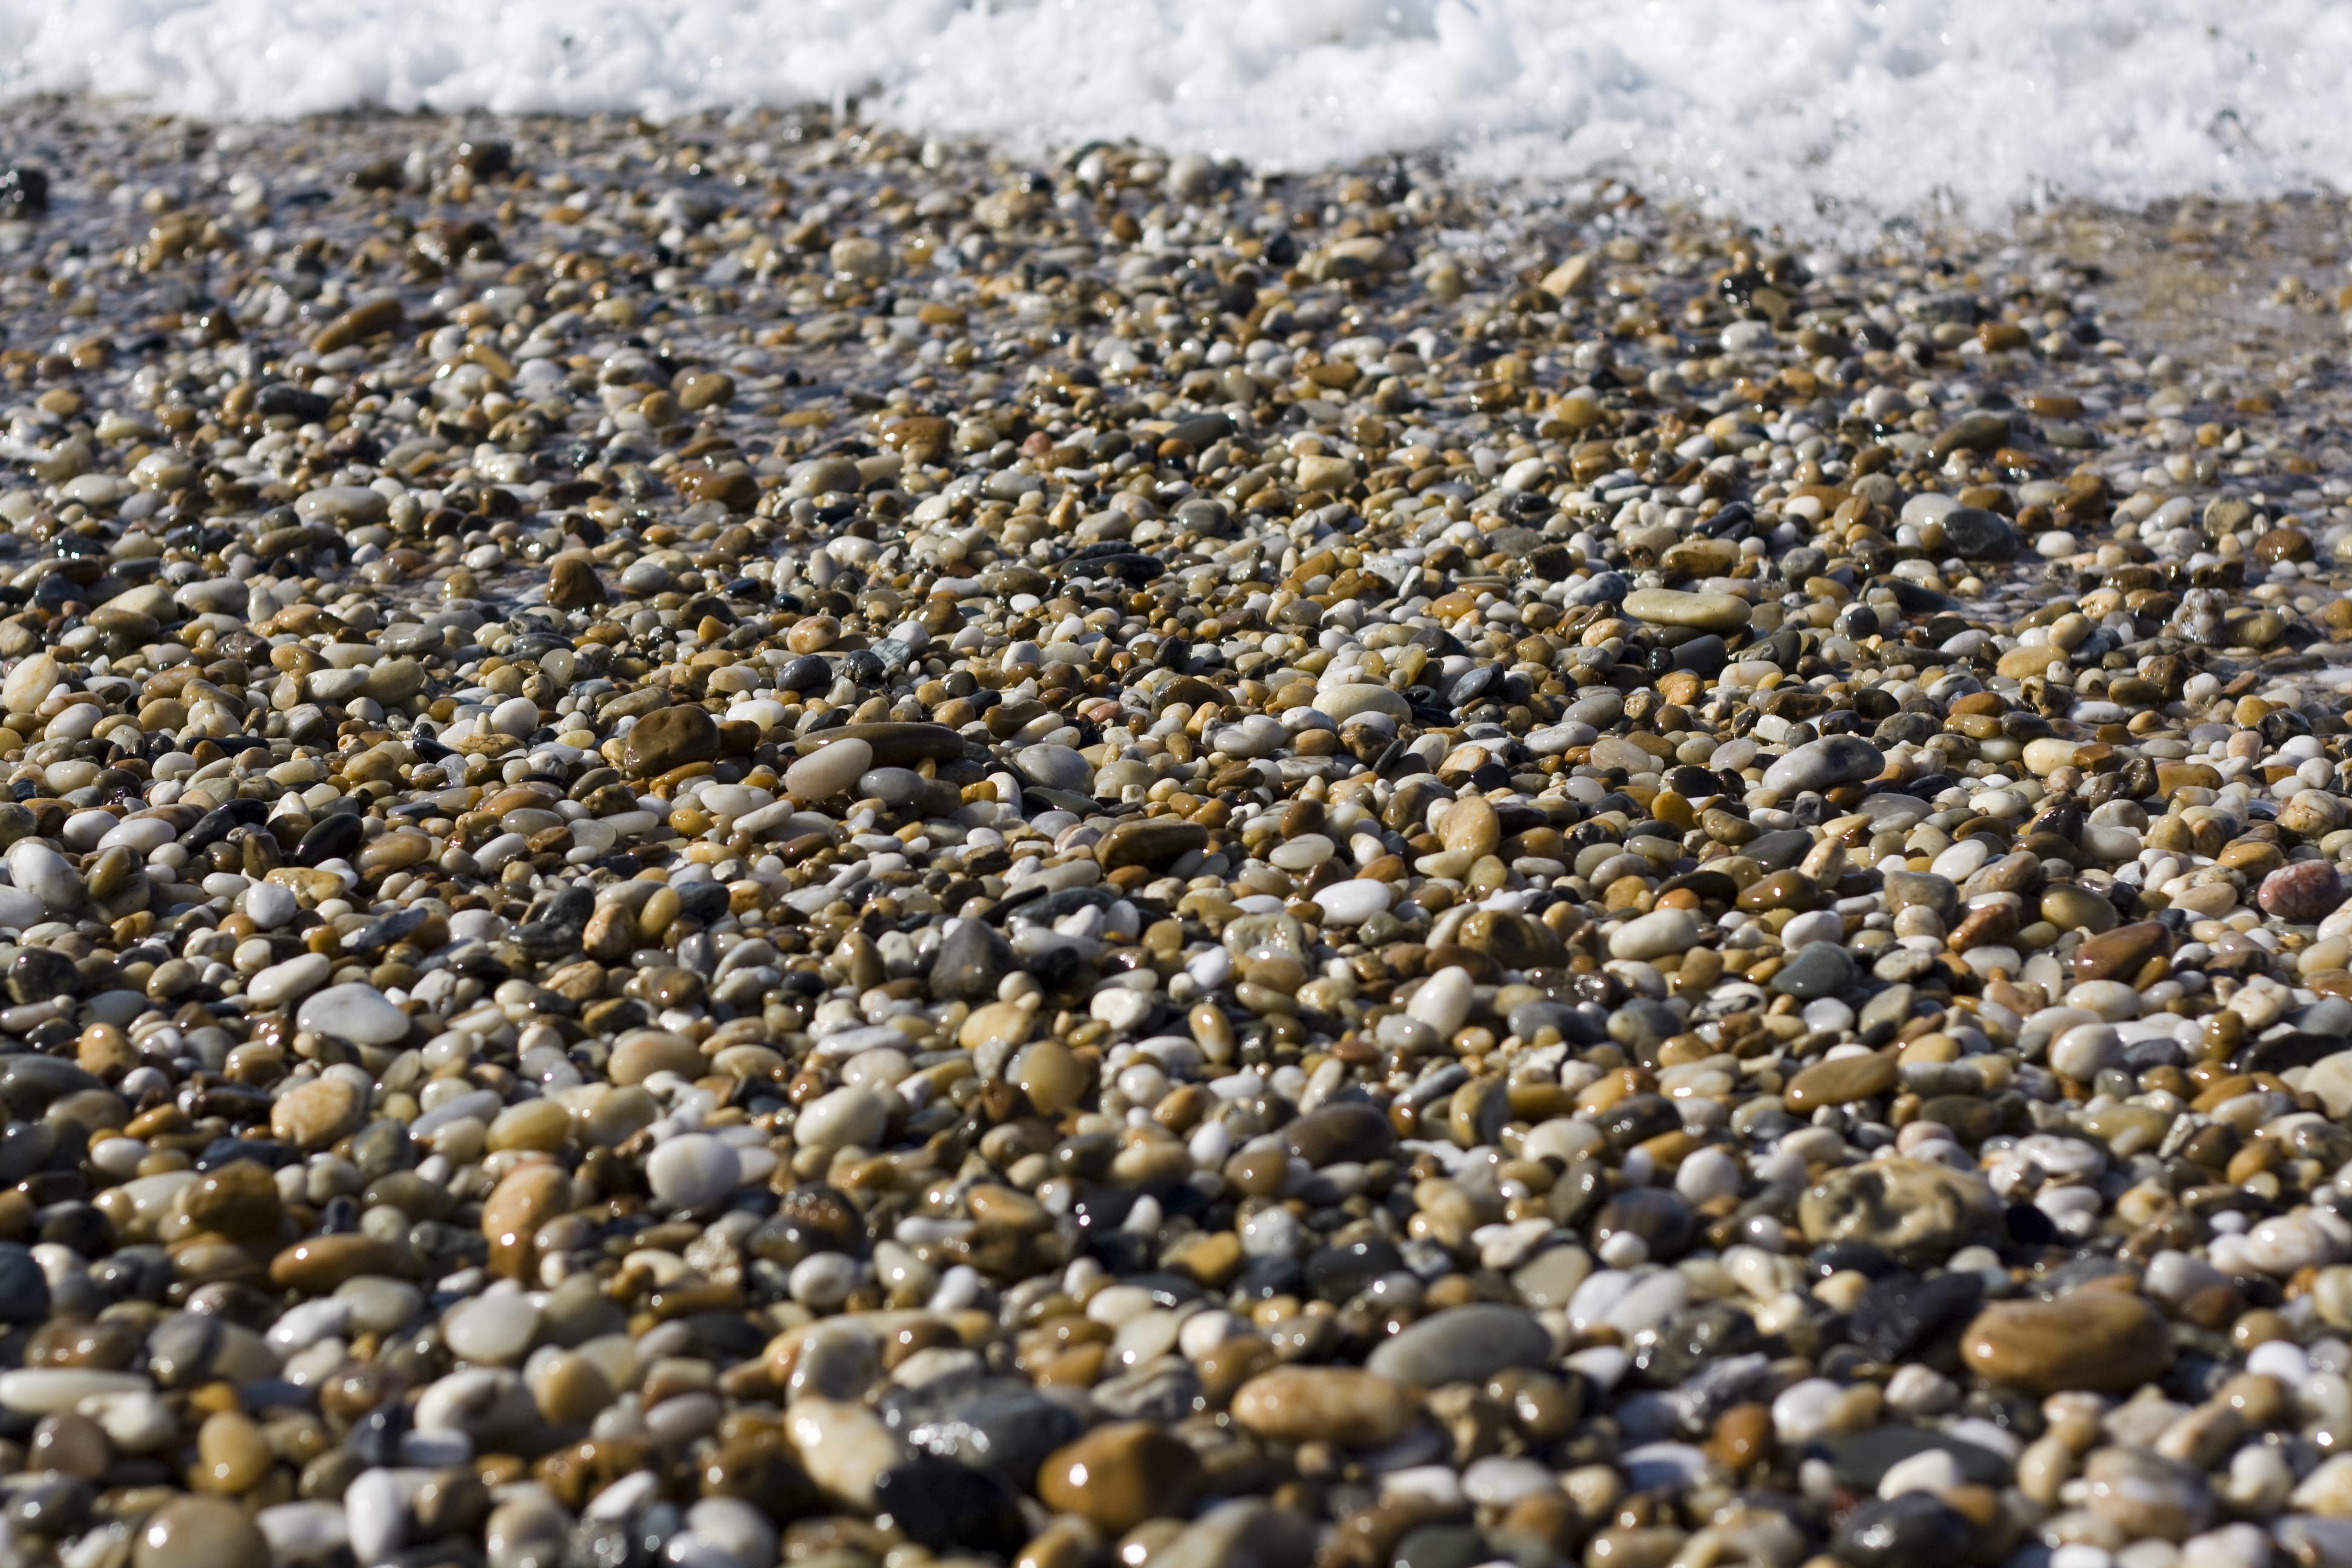 147904壁紙のダウンロード自然, 小石, ストーンズ, 砂利, ビーチ, 海-スクリーンセーバーと写真を無料で